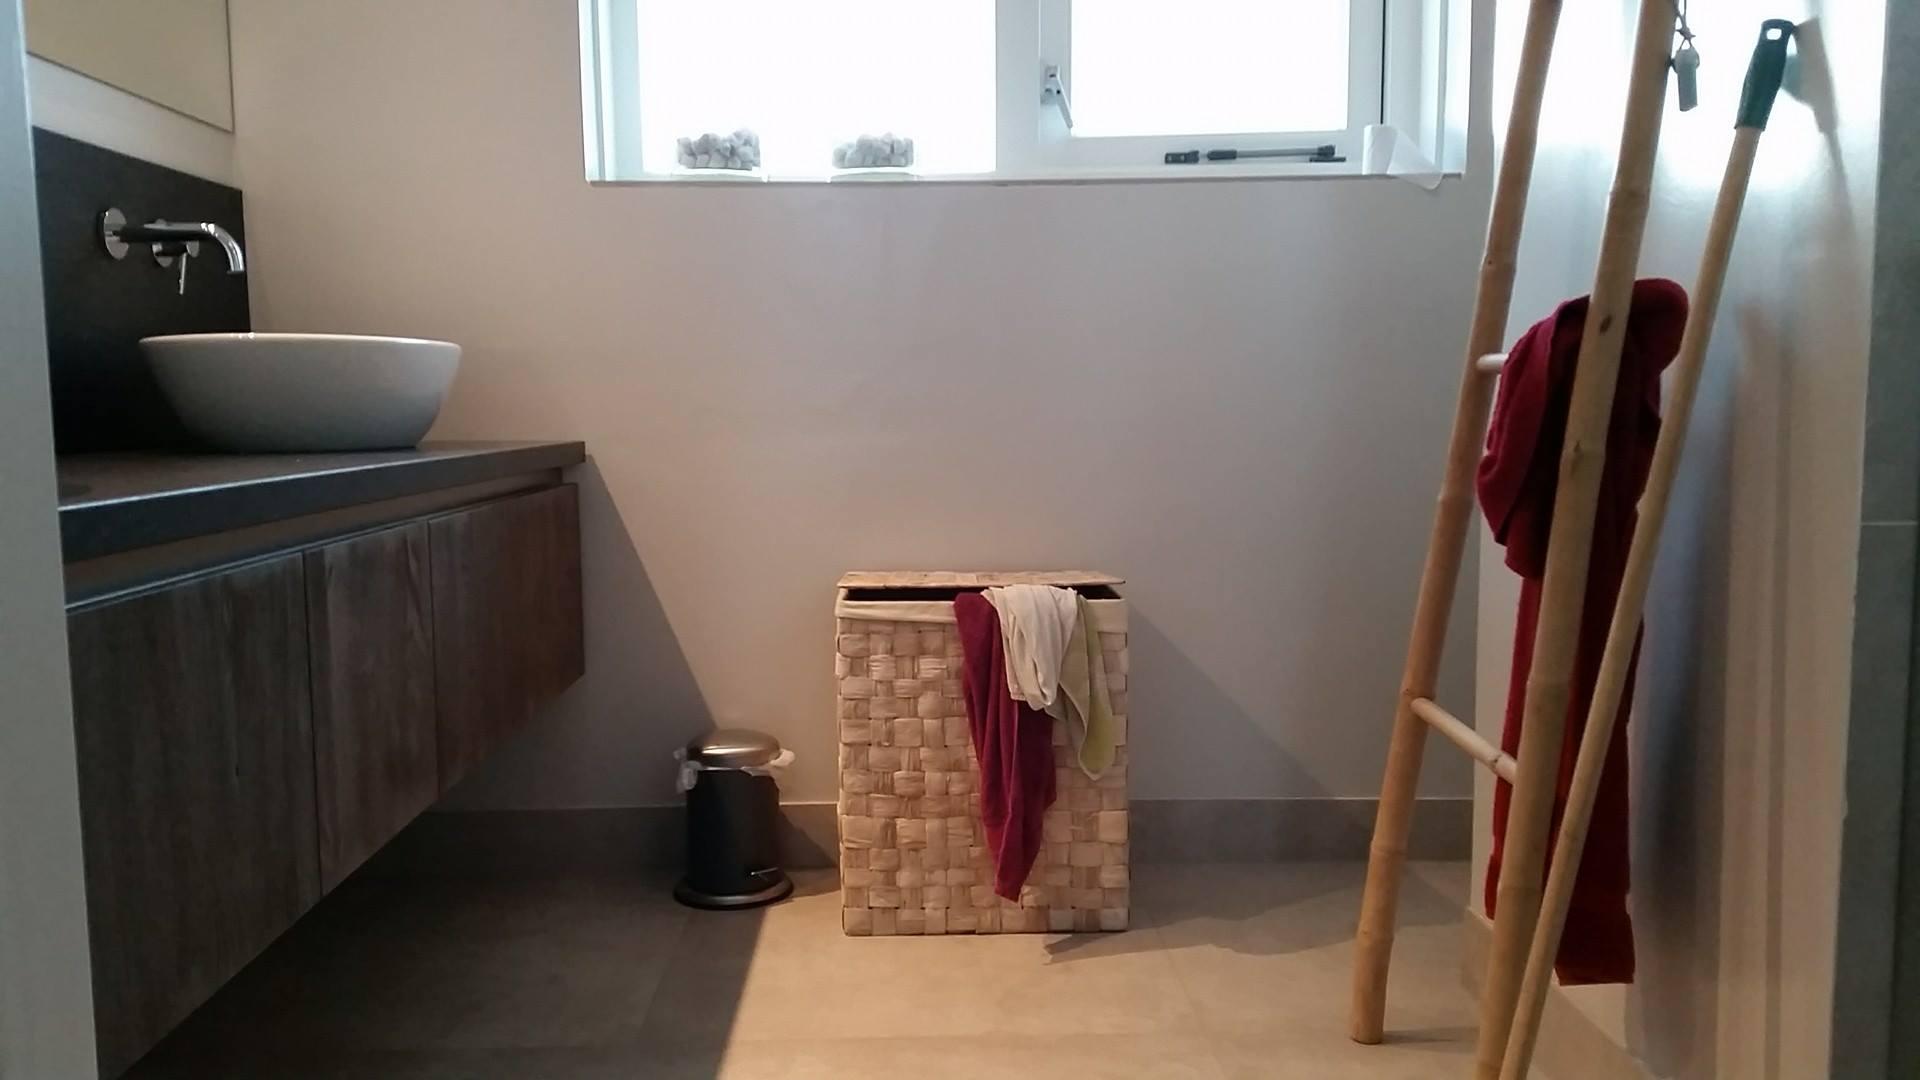 Badkamer Voorbeelden? - van Klassieke tot Engelse stijl